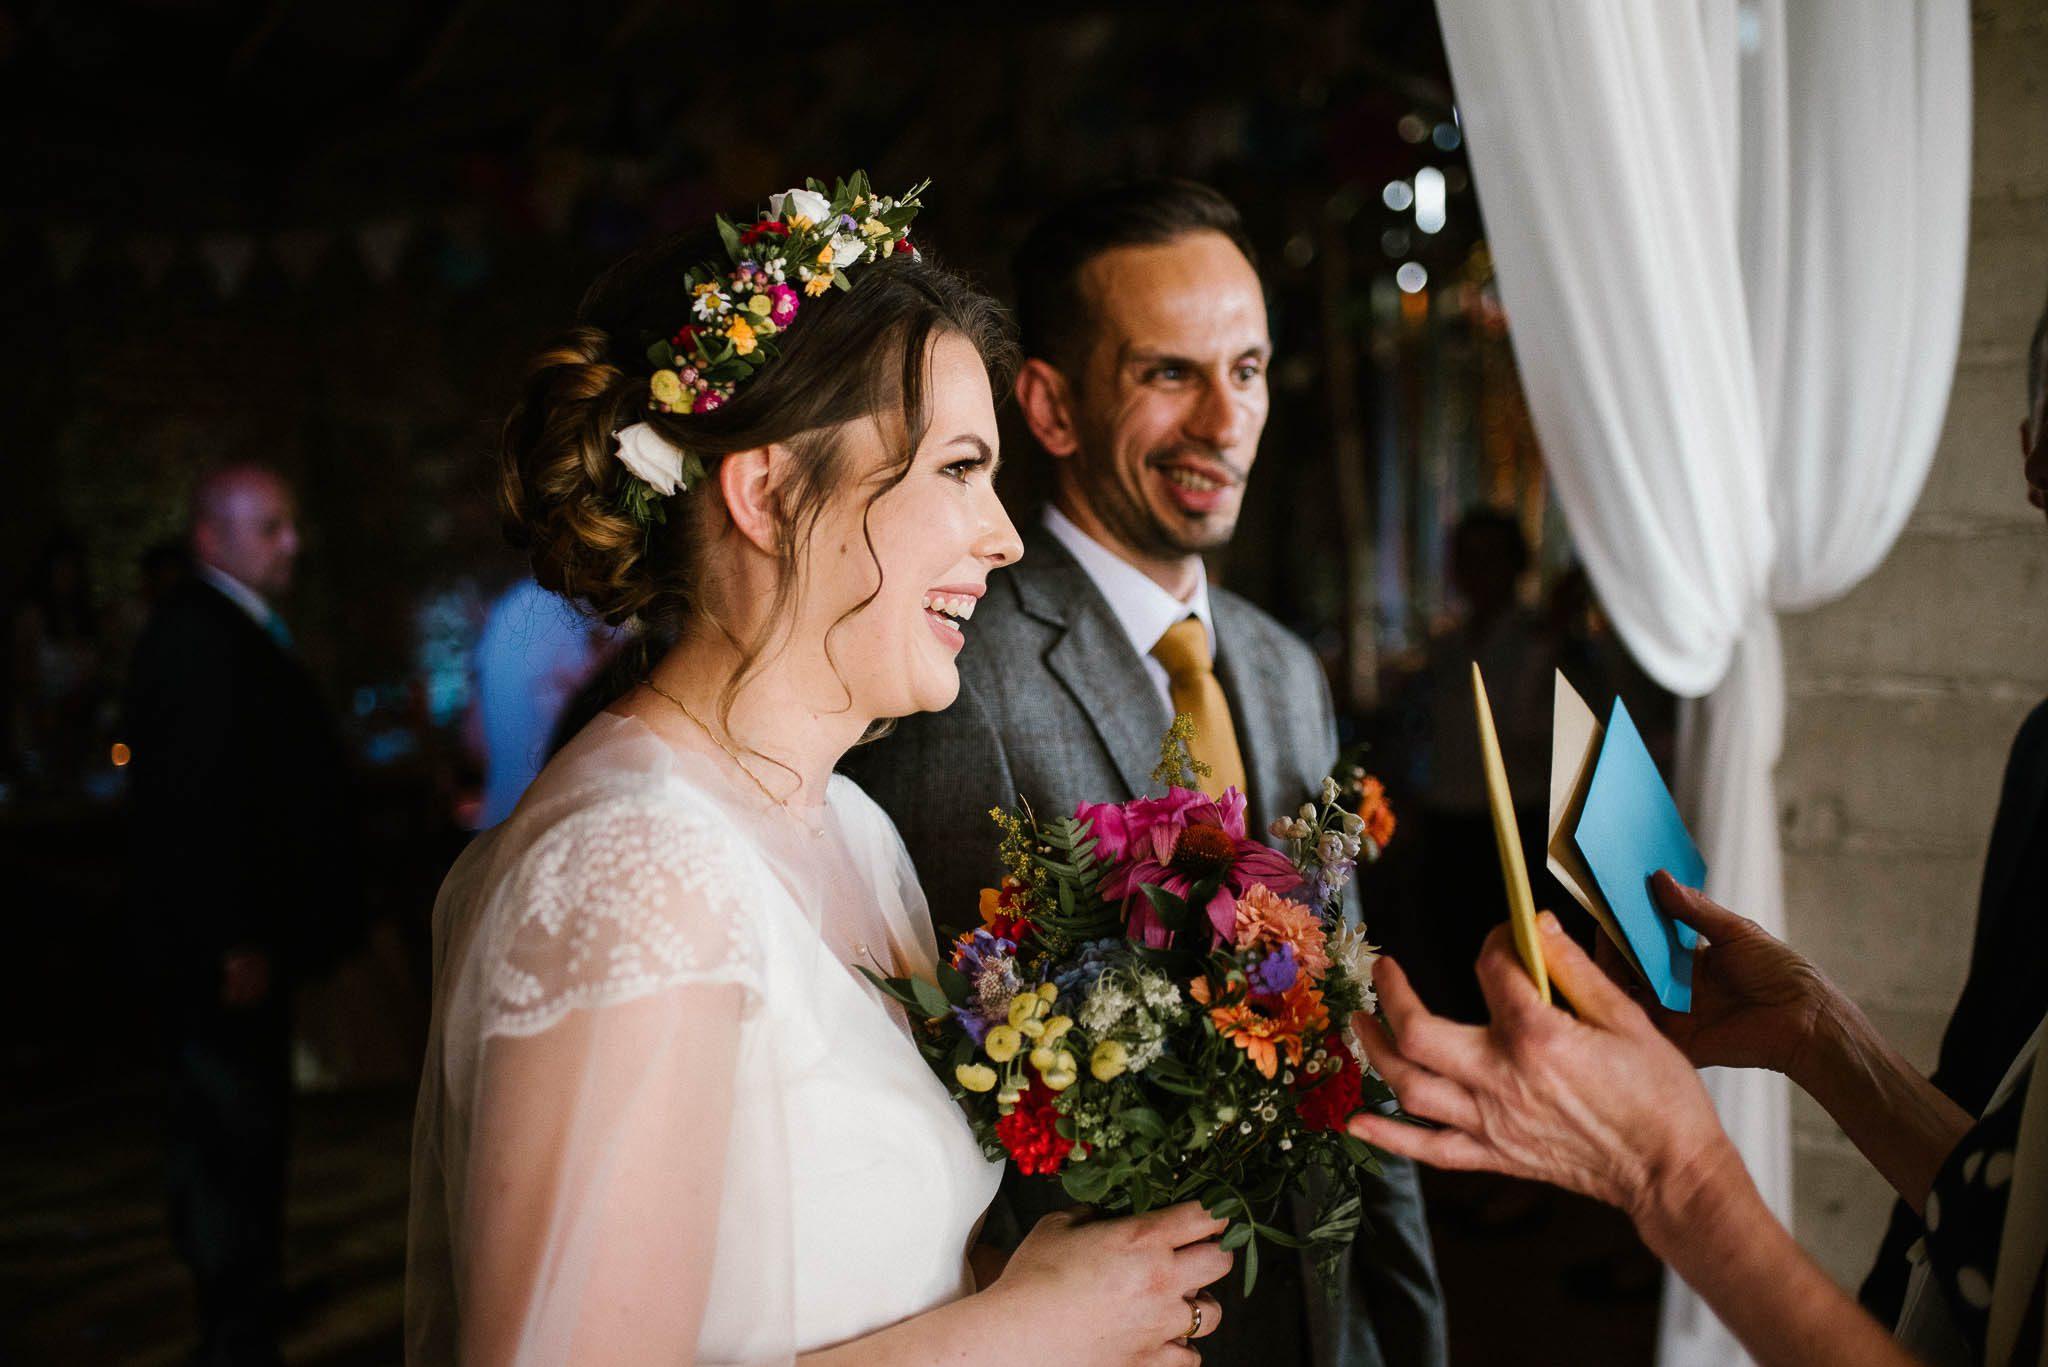 Goście składają życzenia nowożeńcom - wesele w stodole w Dyrkowie